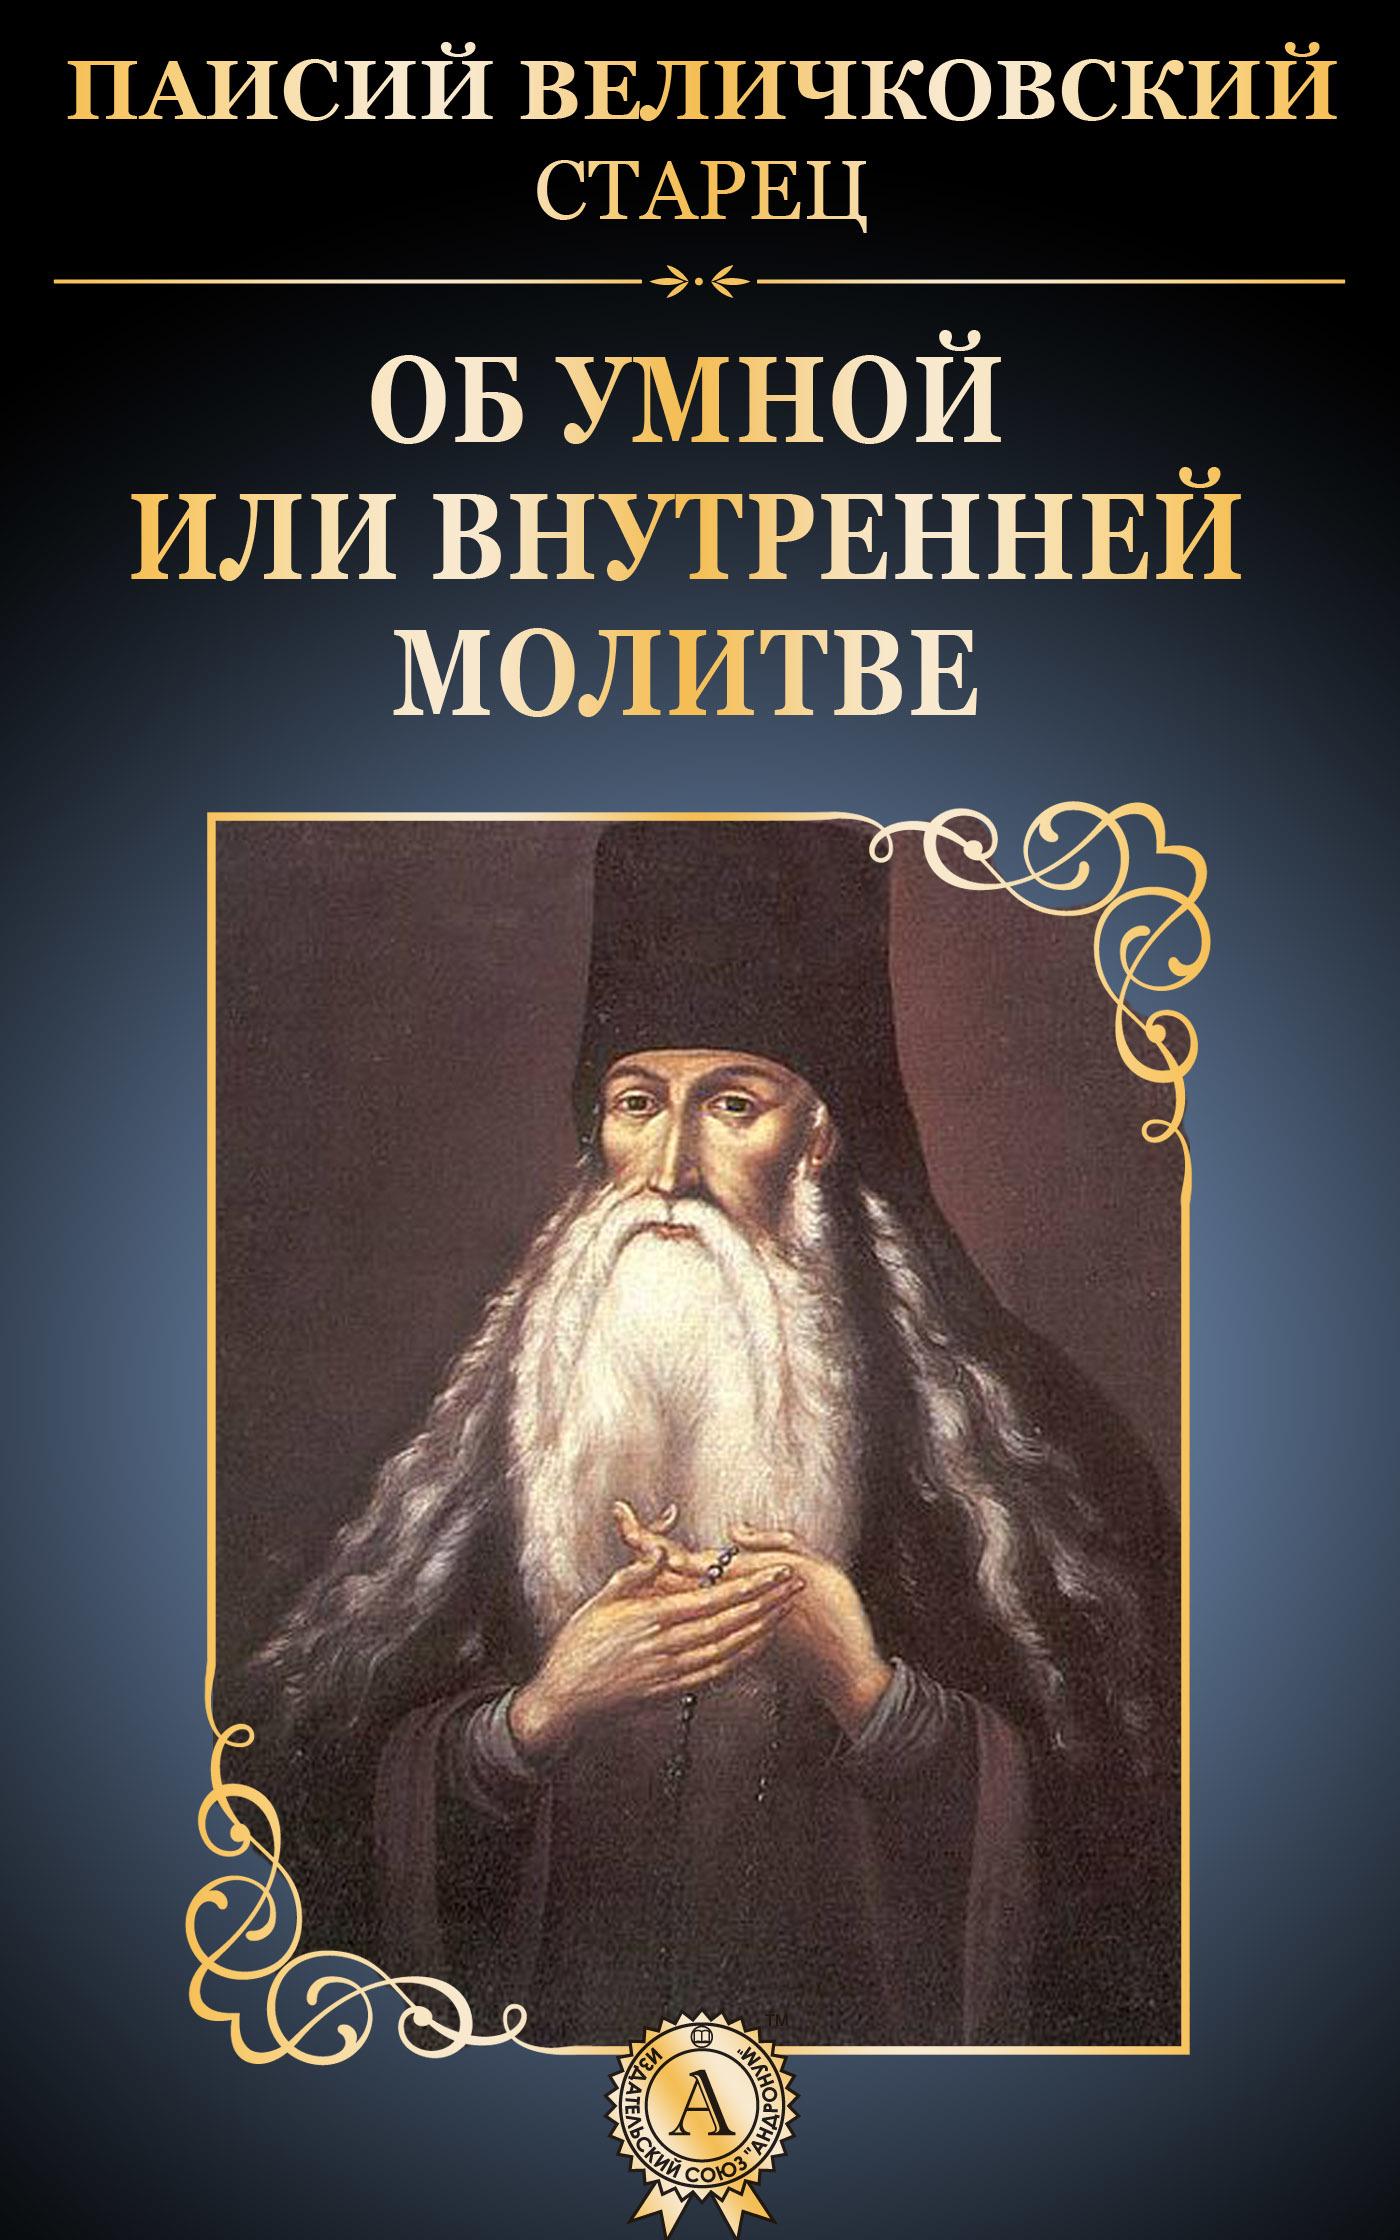 старец Паисий Величковский Об умной или внутренней молитве